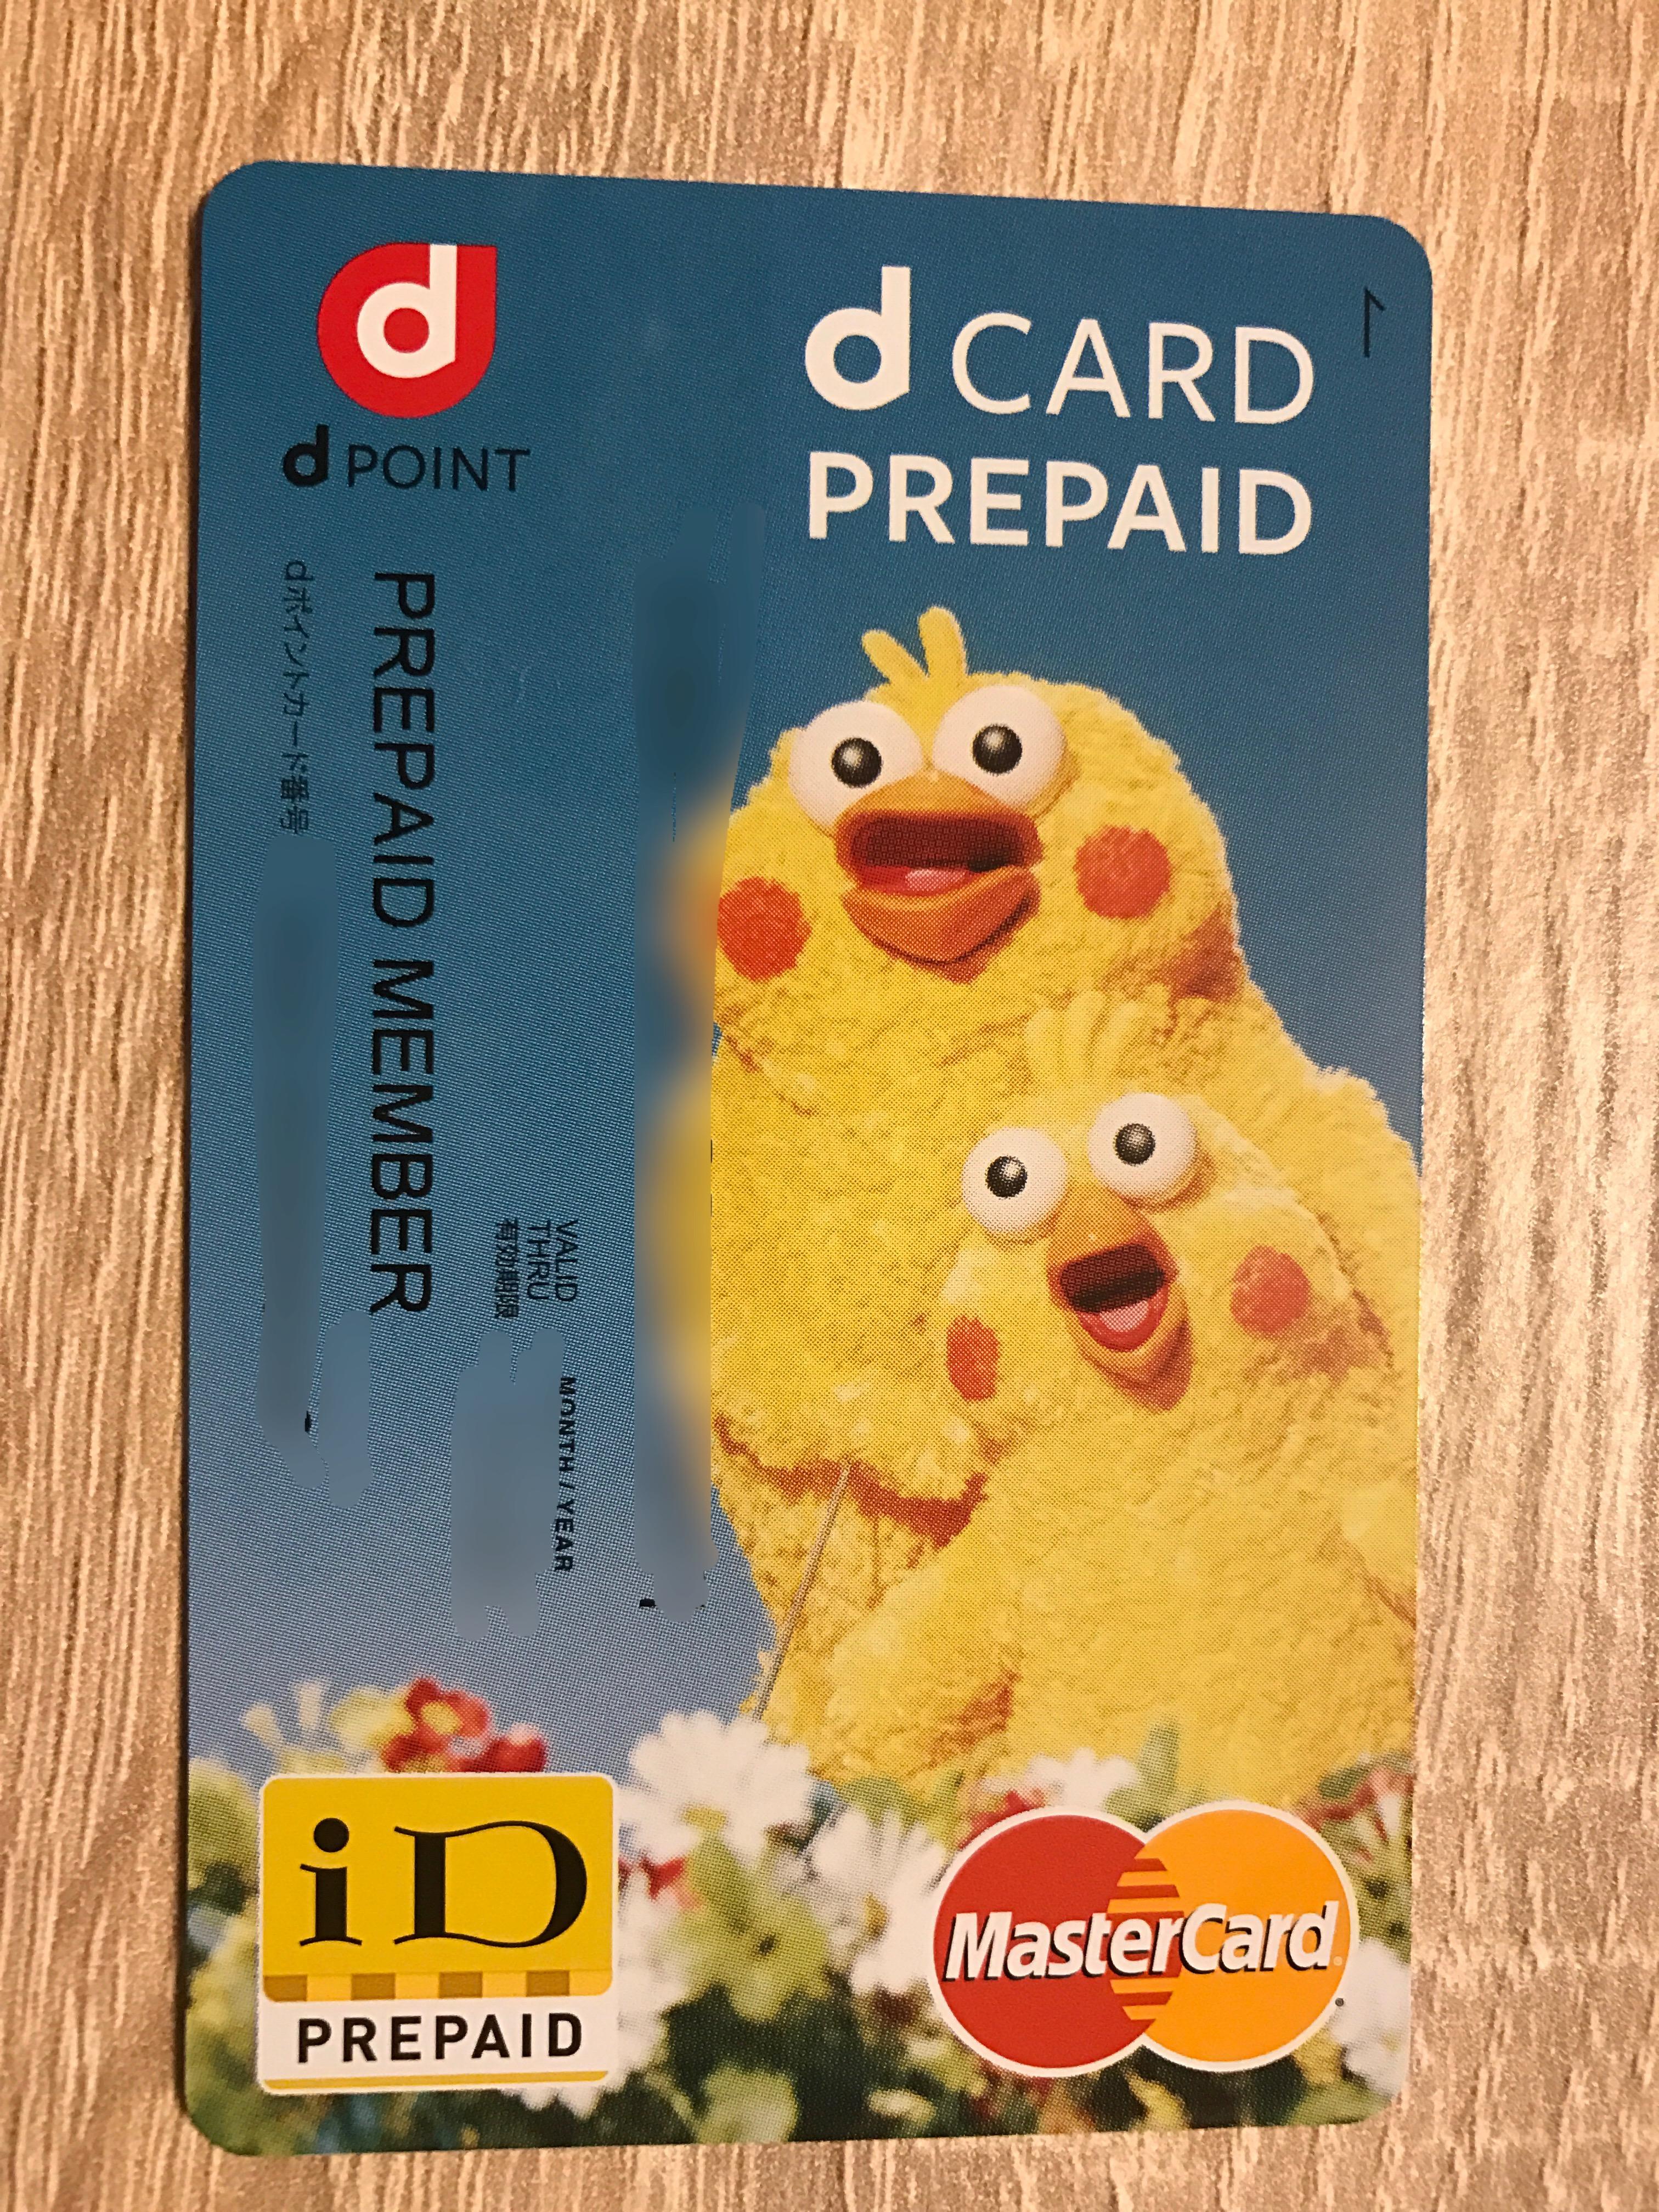 ポインコ柄のdカードプリペイドが、ようやくやってきた!